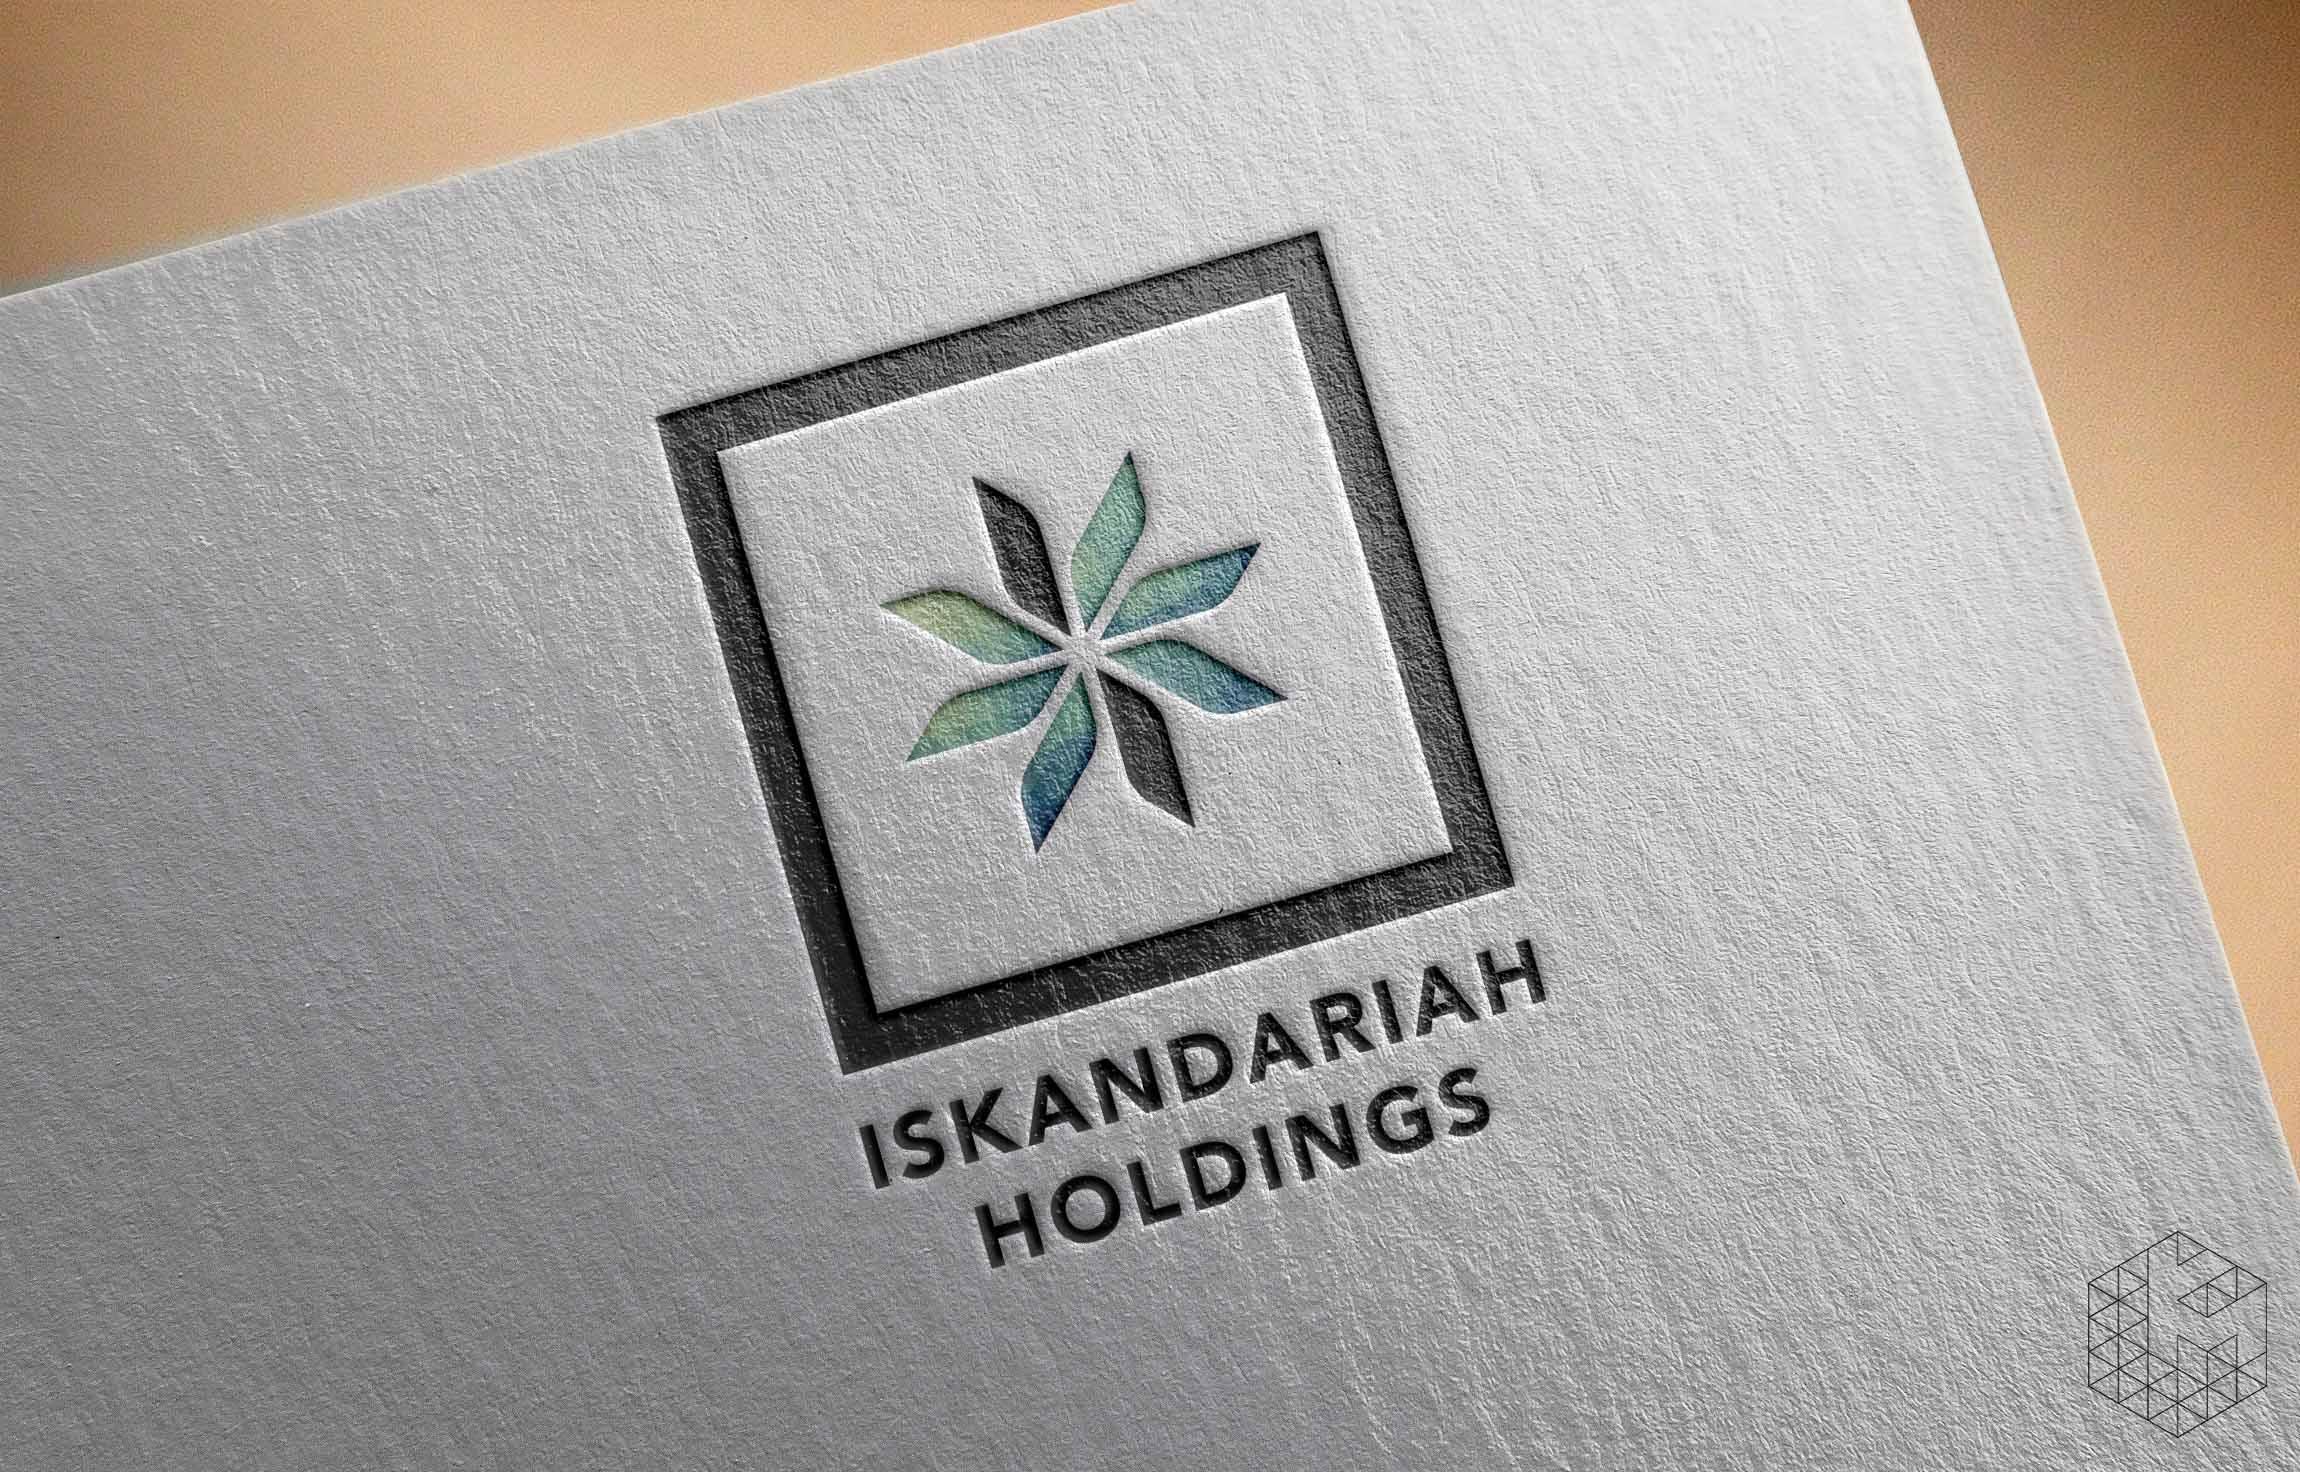 Iskandariah Holdings.